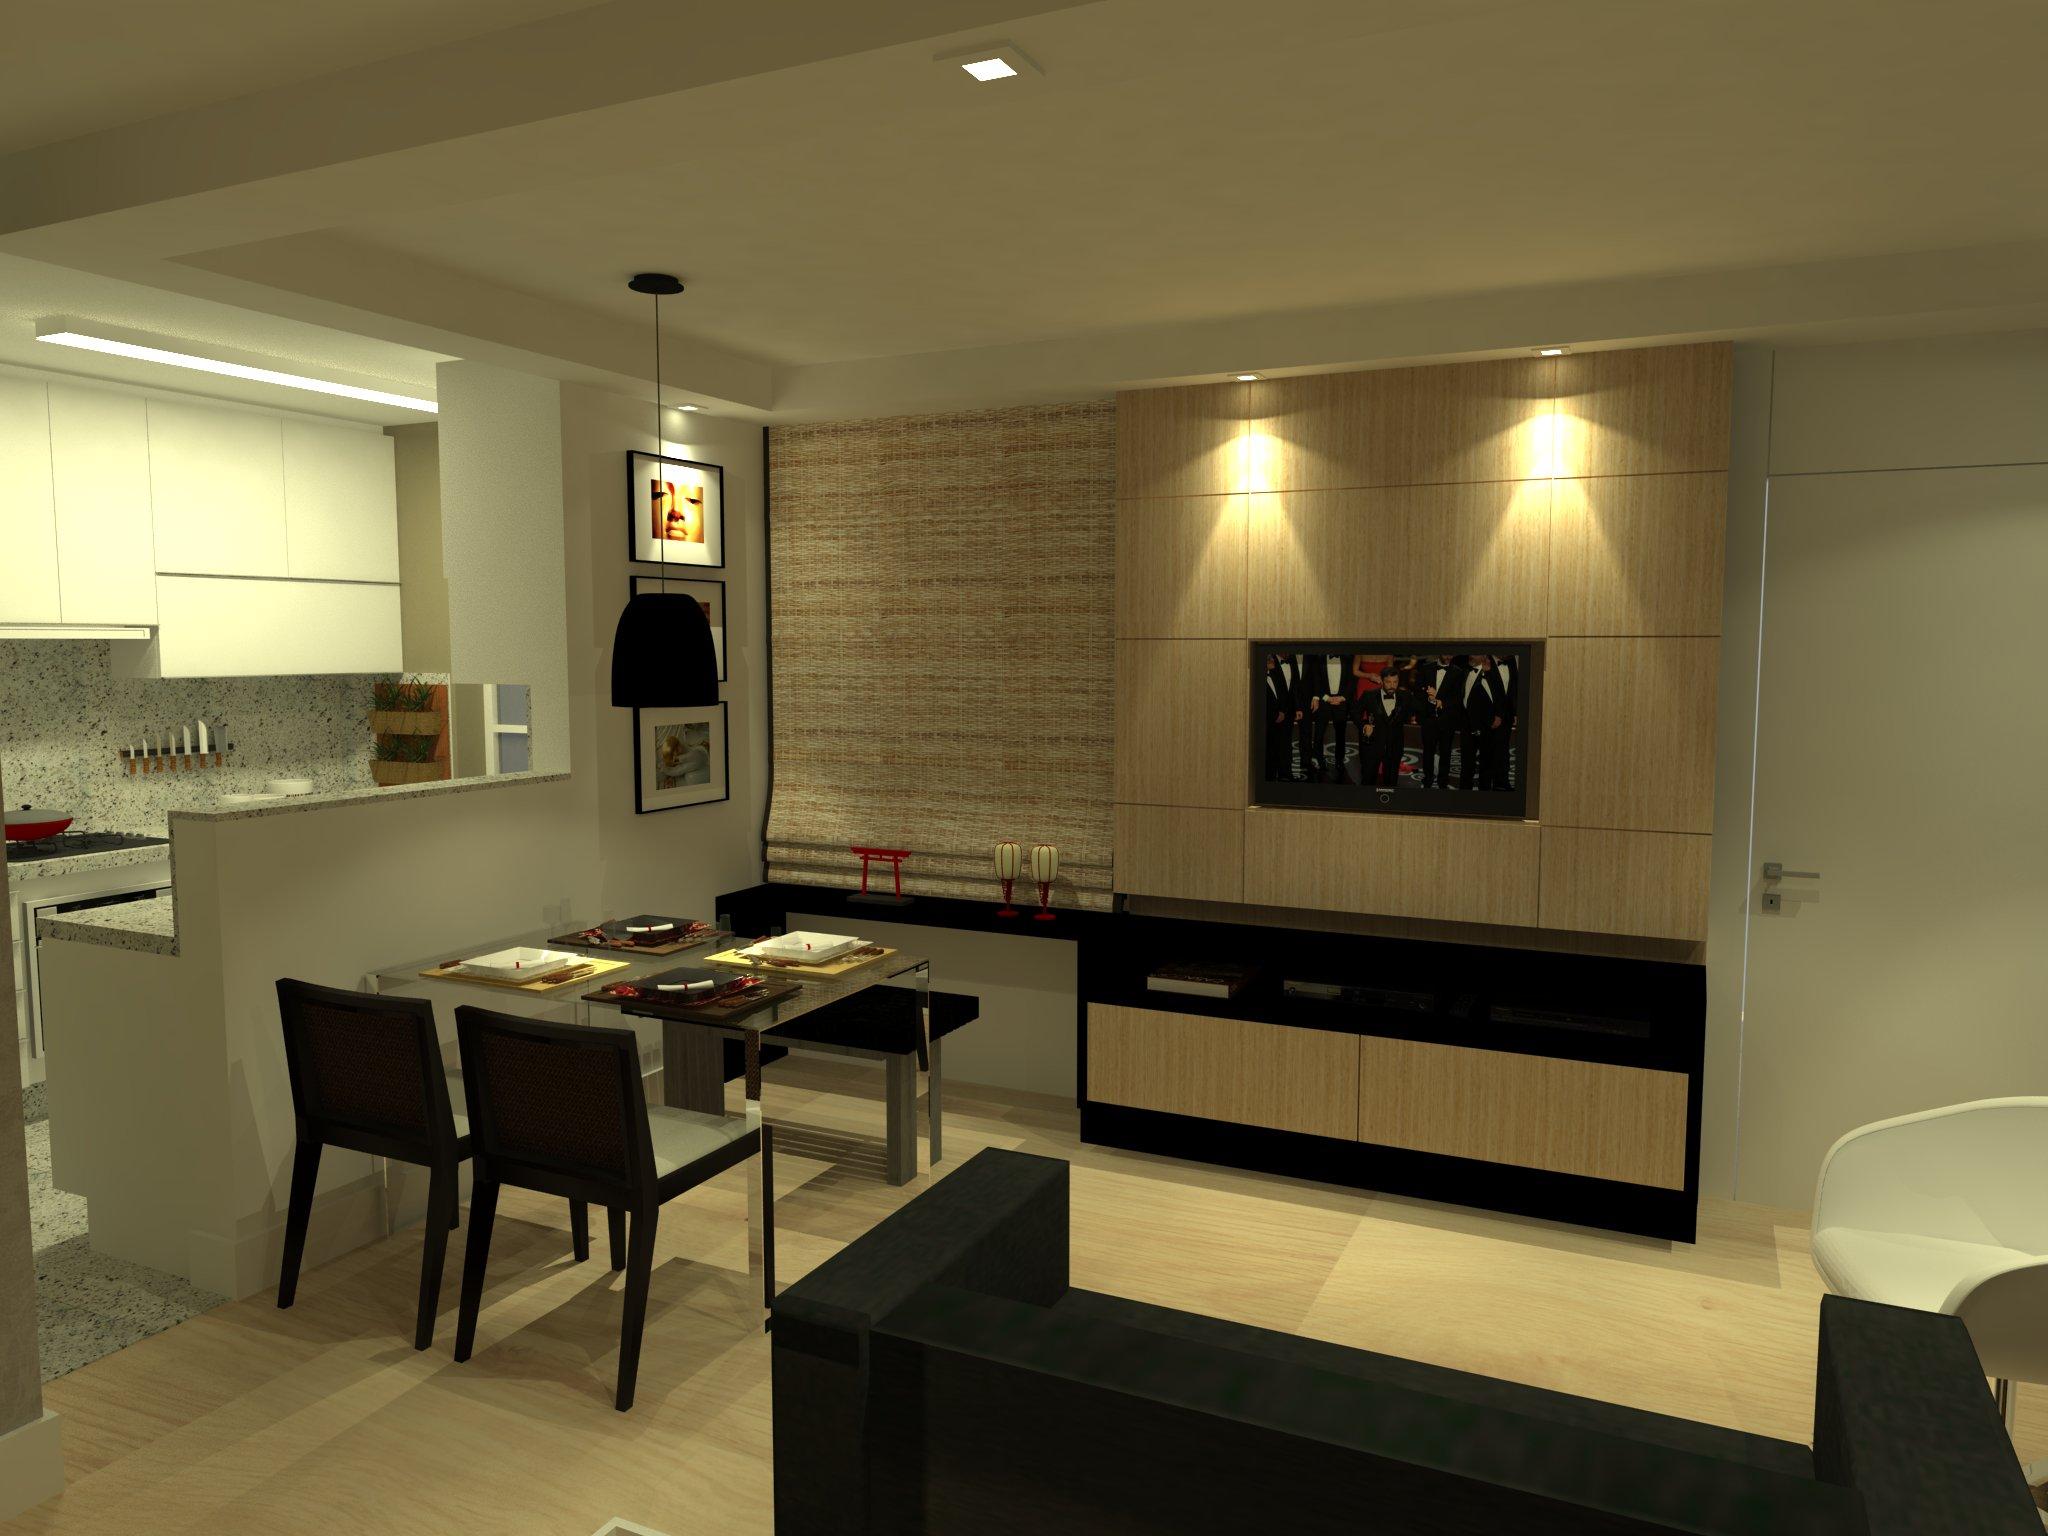 decoração de cozinha e area de serviço pequena #BBB710 2048 1536